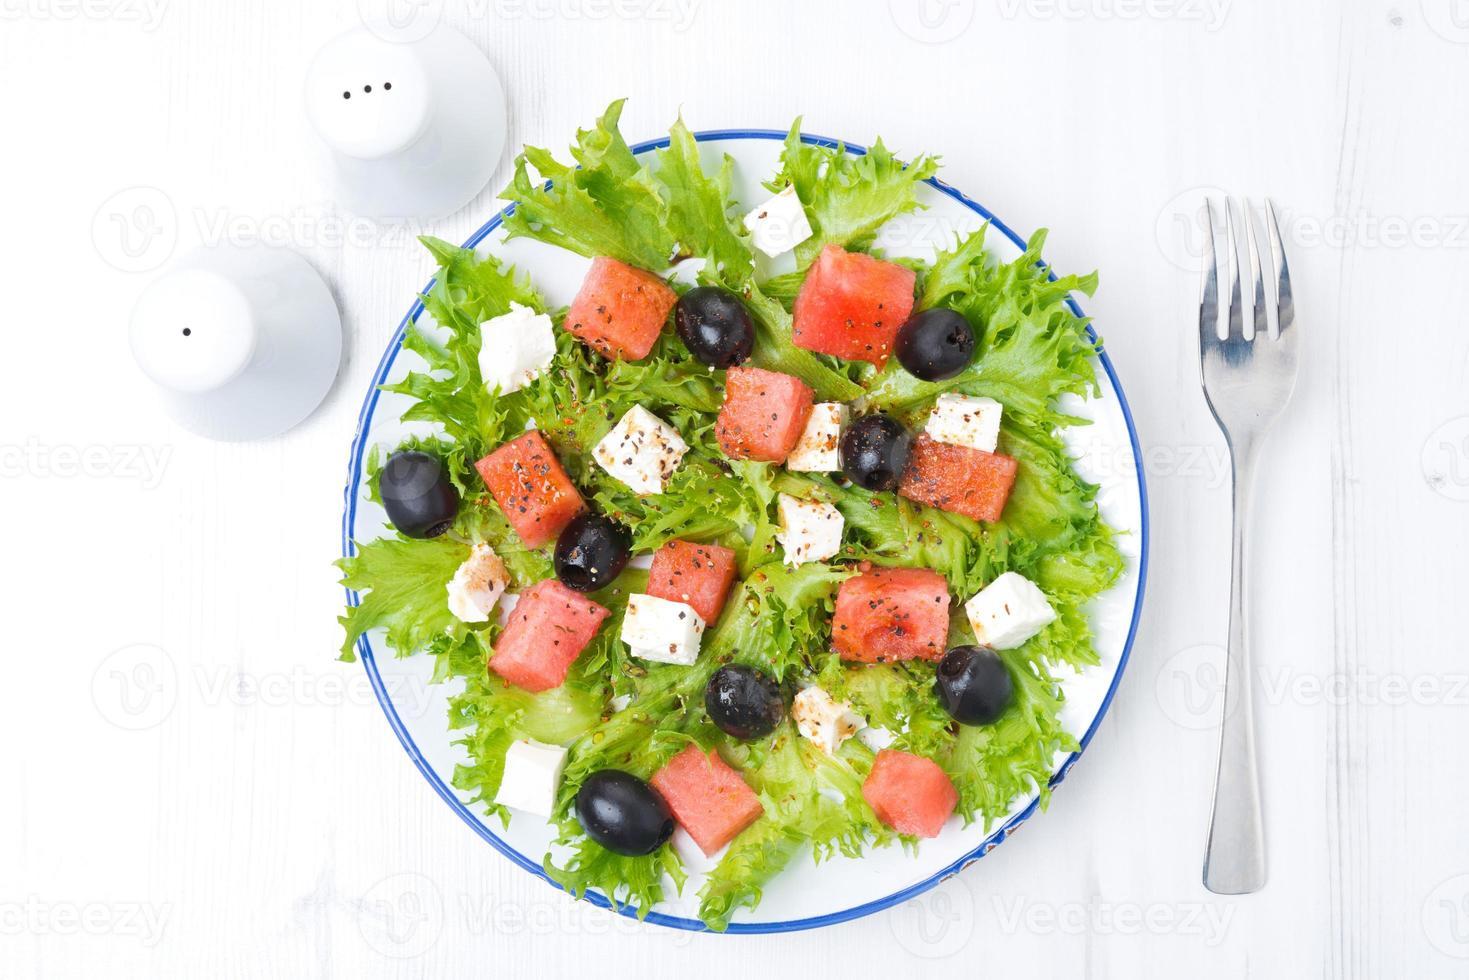 frischer Salat mit Wassermelone, Feta-Käse und Oliven, horizontal foto